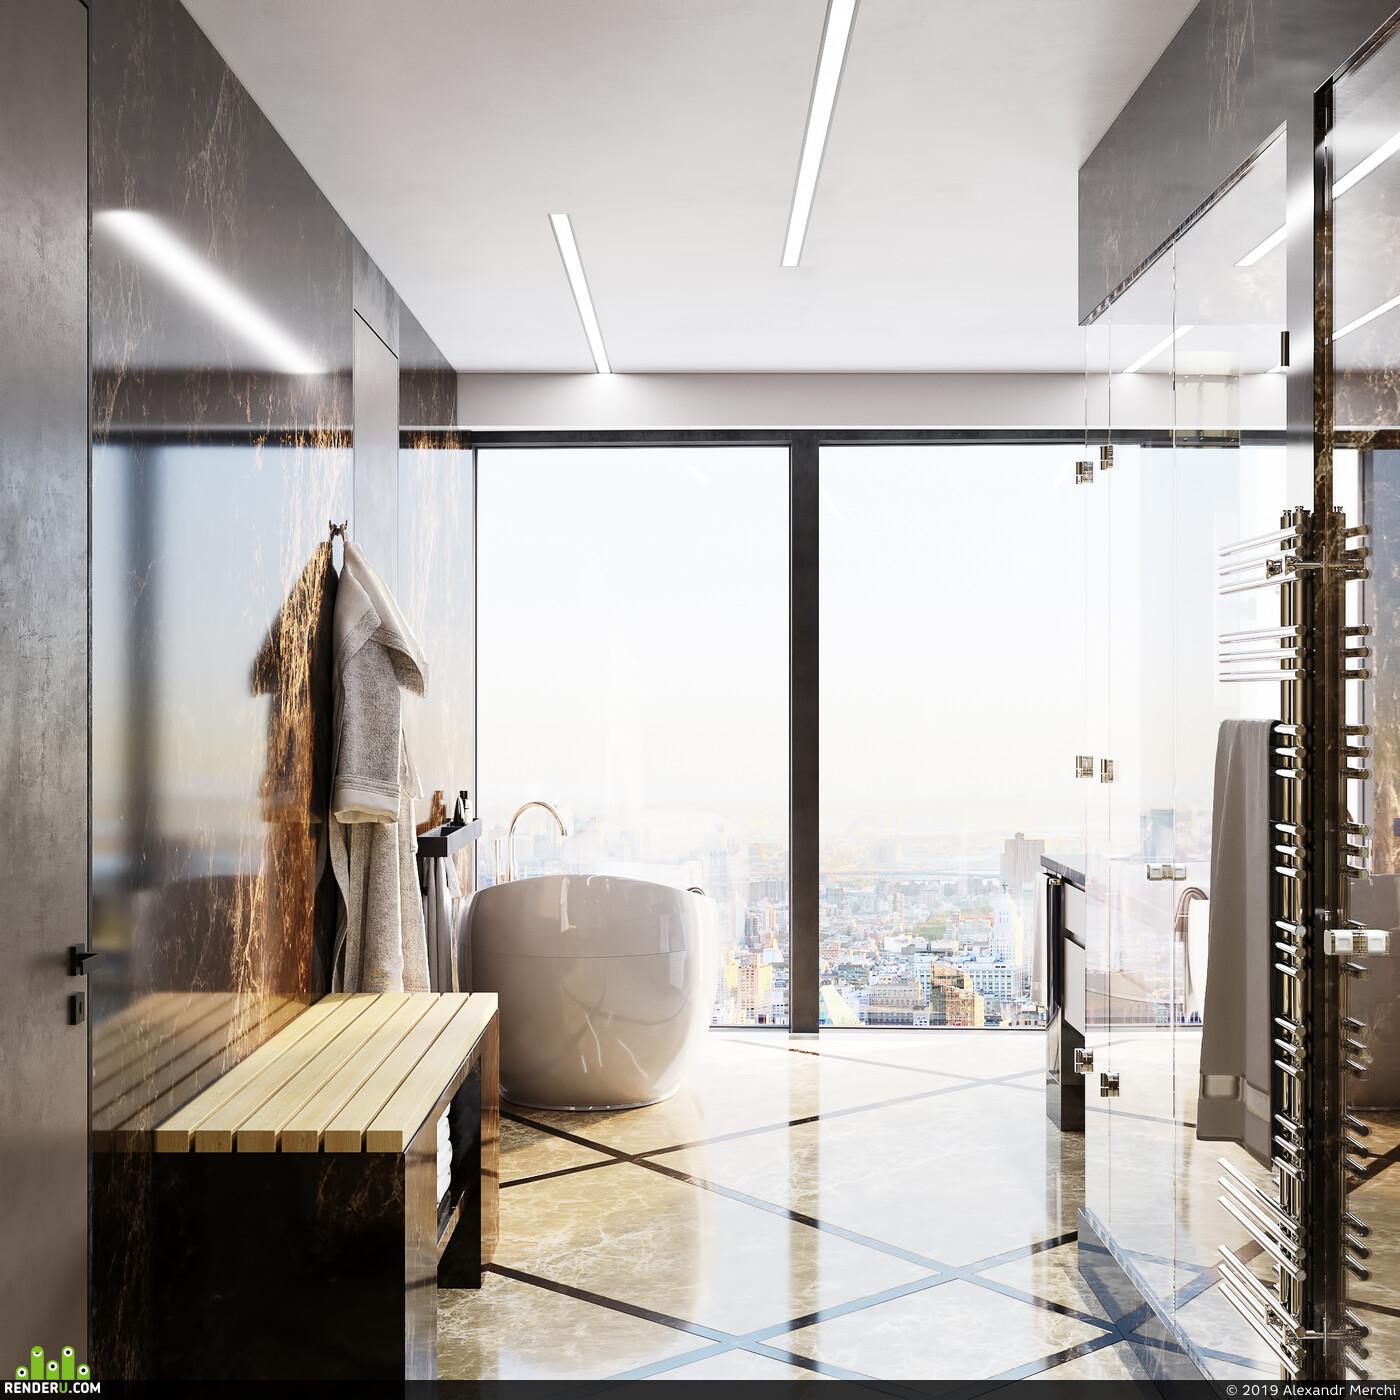 Визуализация, визуализация, архитектура, интерьер, корона, архитектурная визуализация, дизайн интерьера